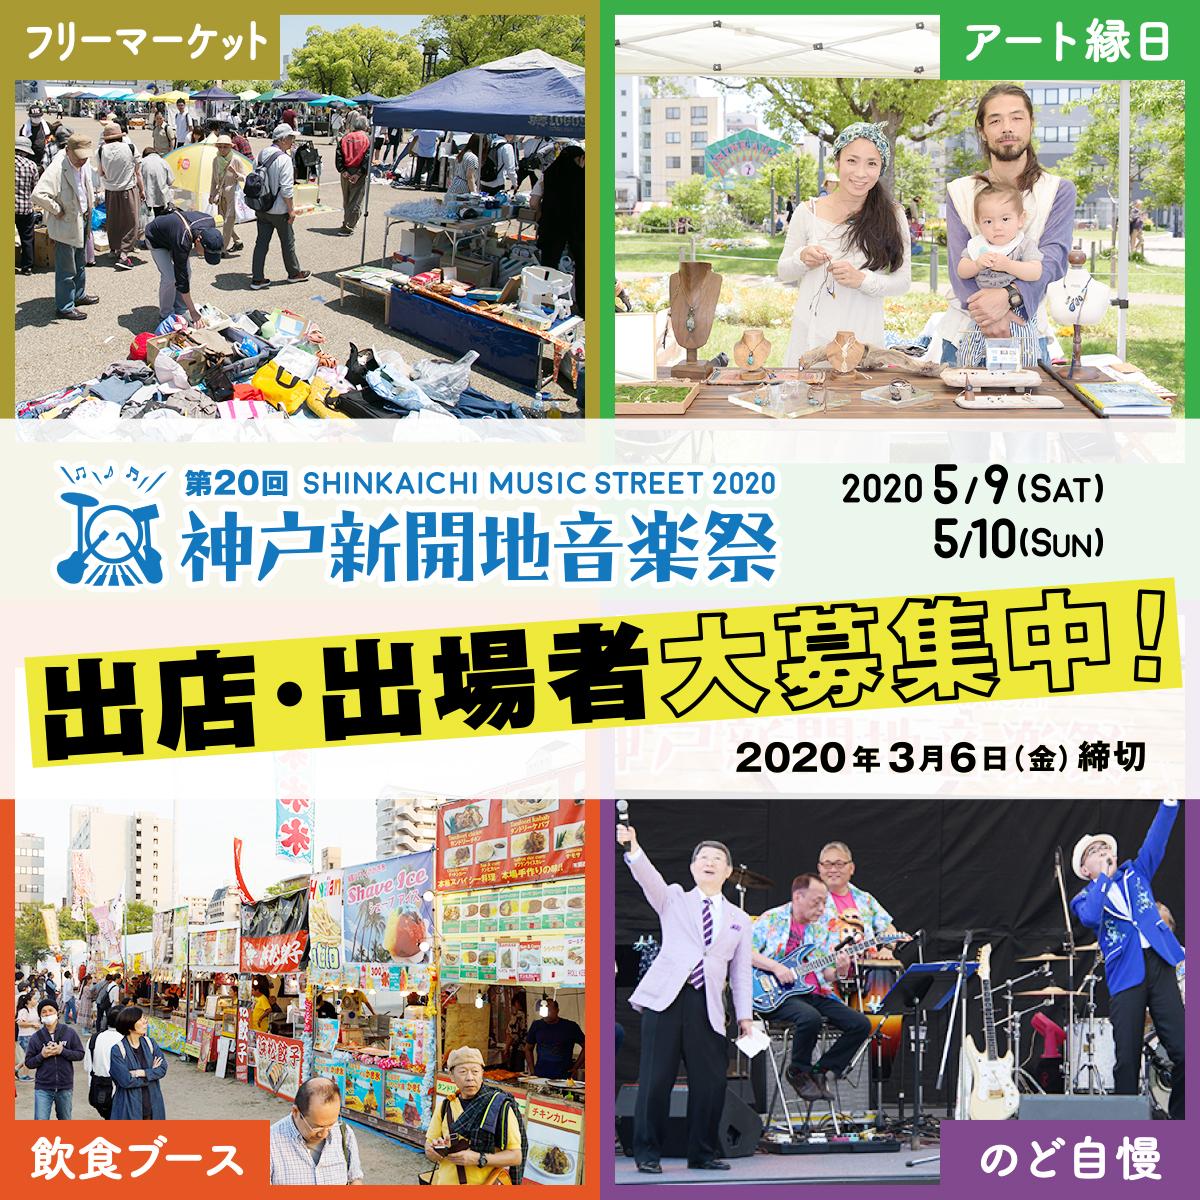 第20回 神戸新開地音楽祭 出店・出場者募集中!